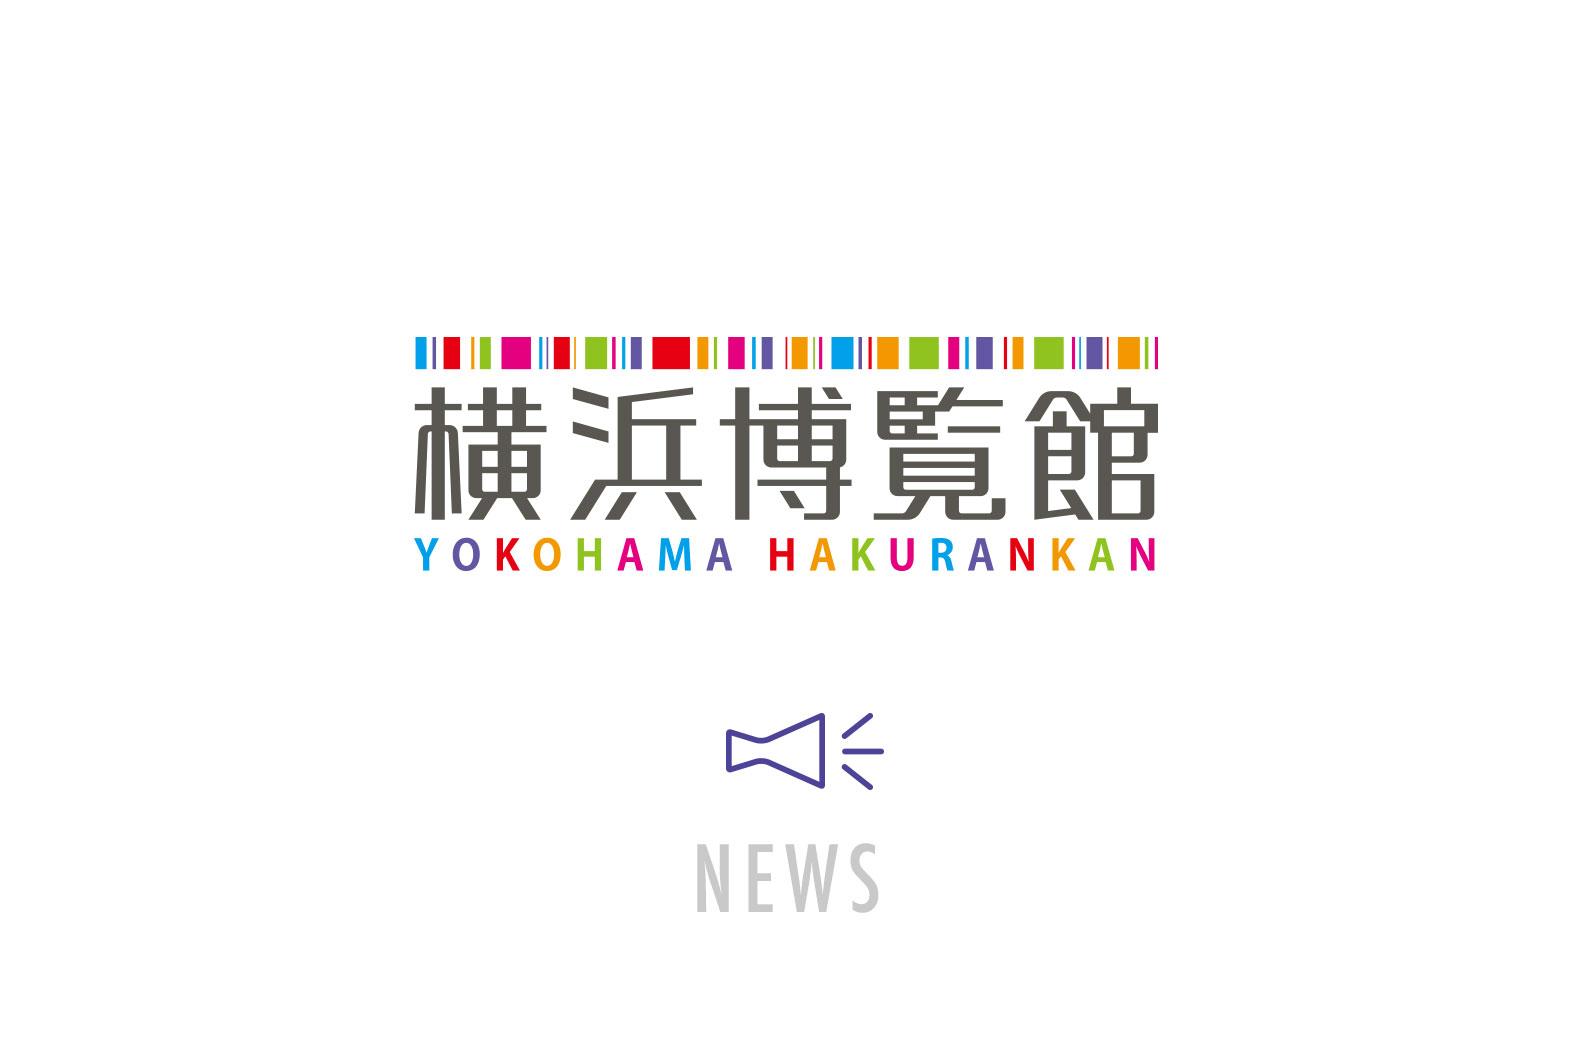 【横浜博覧館】テレビ放送のお知らせ